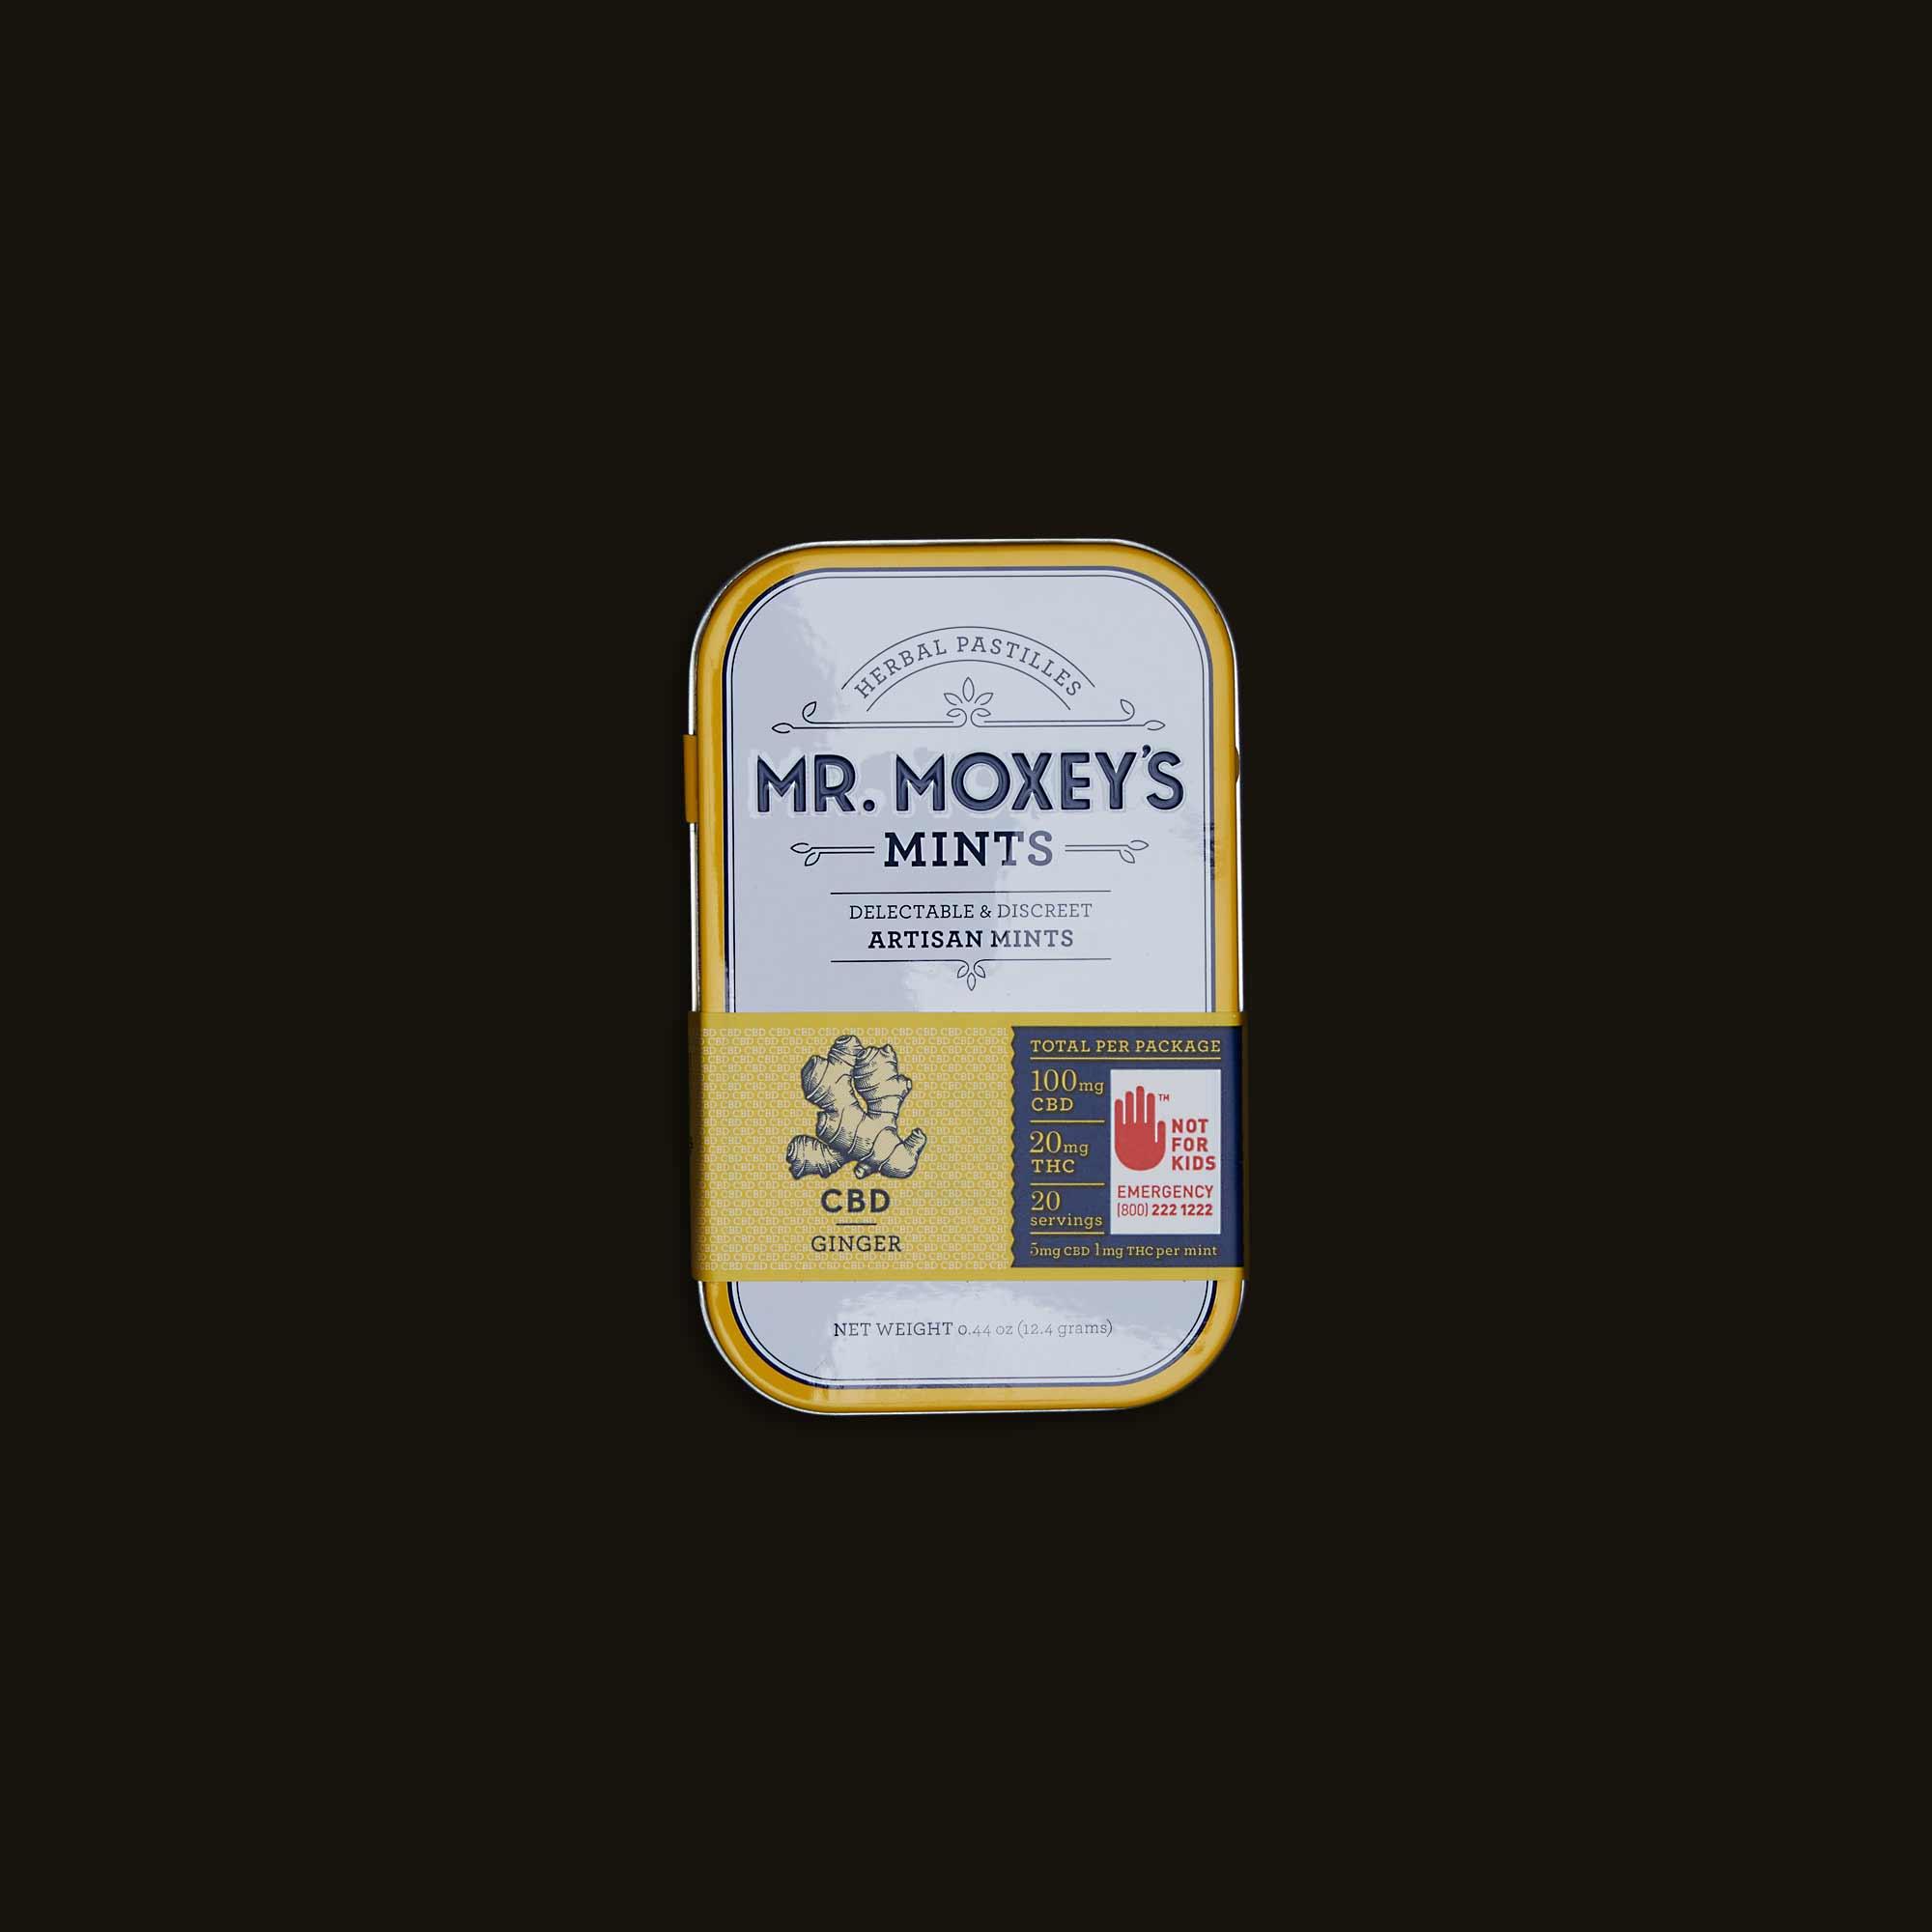 Mr. Moxey's Mints CBD Ginger Mints